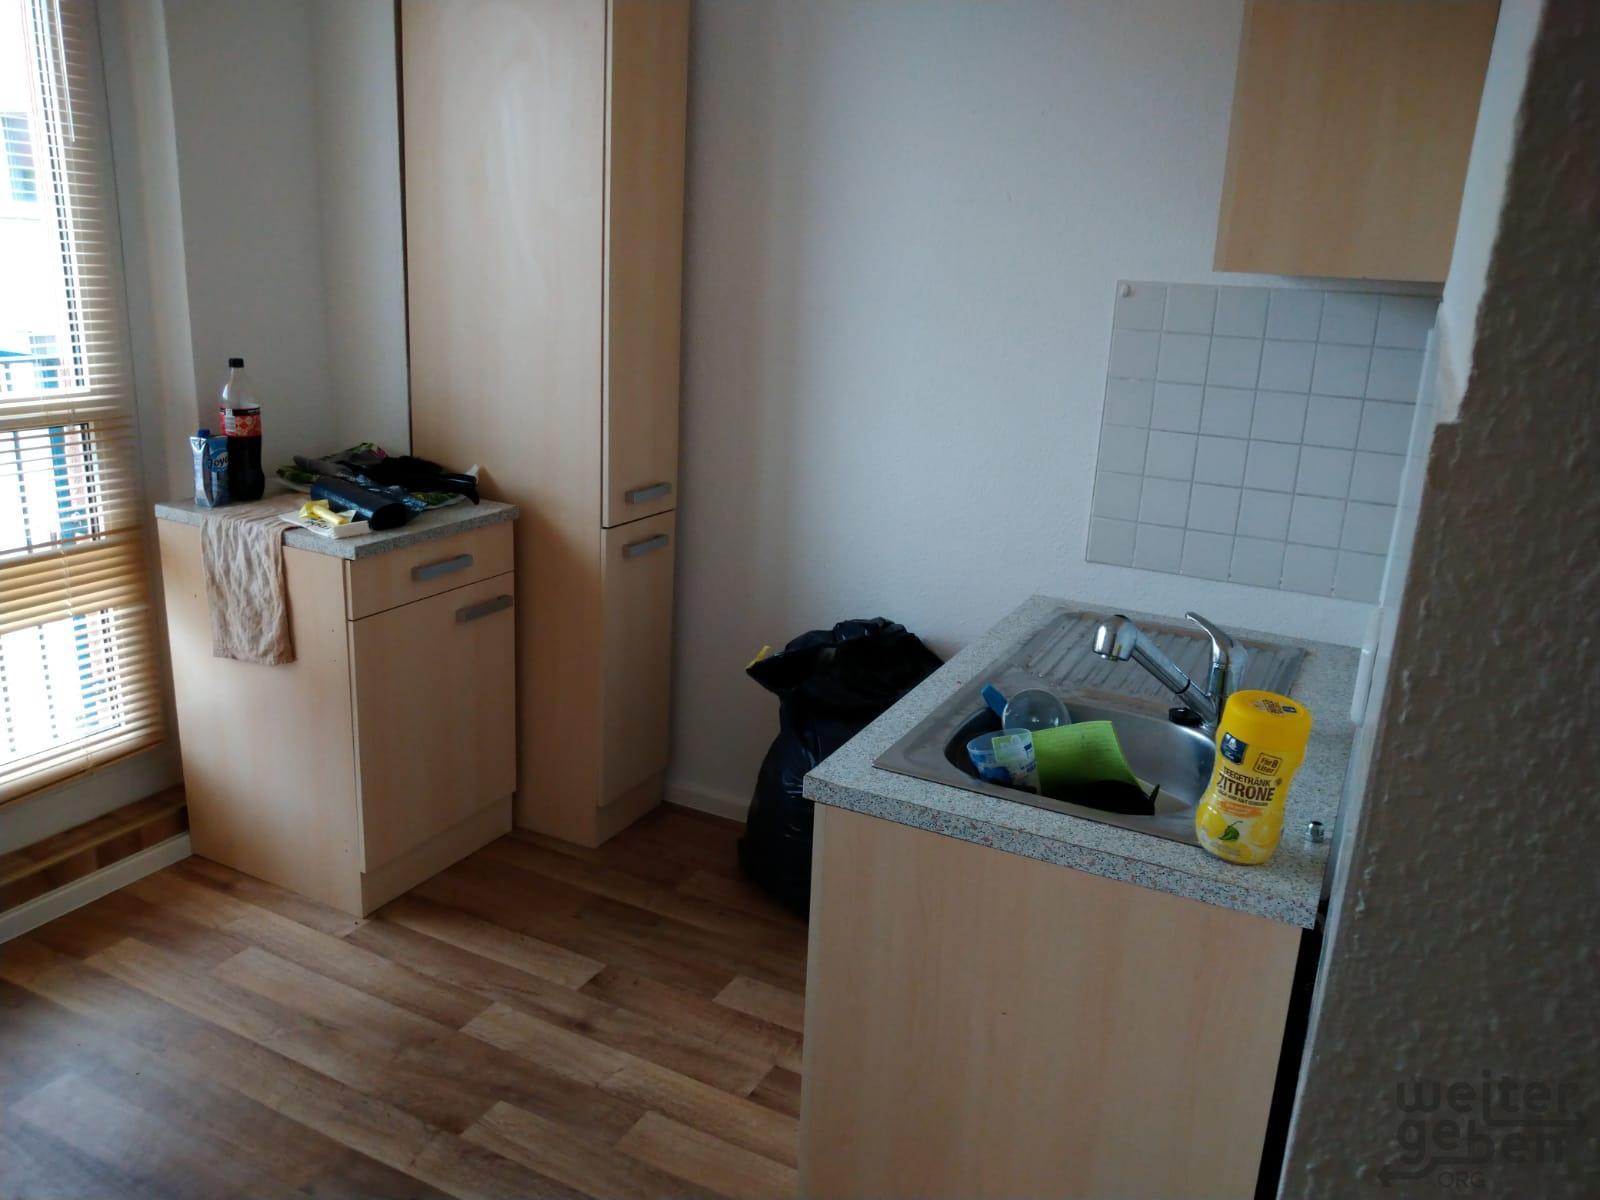 Küchenschränke mit Spüle - Spende für Wohnung in Berlin